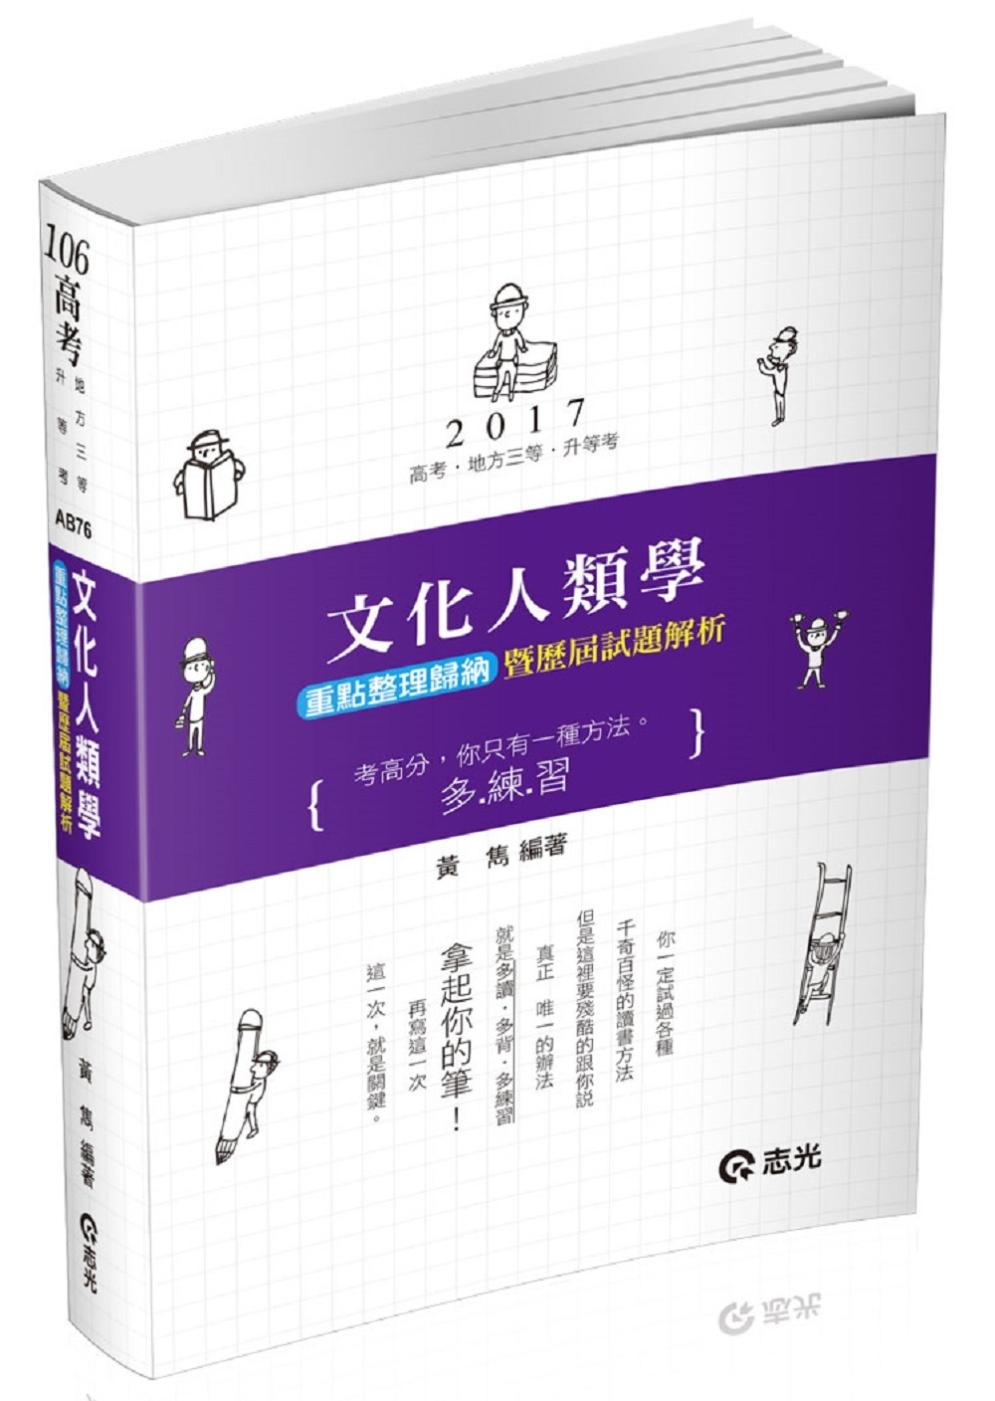 文化人類學申論題庫暨歷屆試題解析(高考‧地方三等特考、升等考試專用)